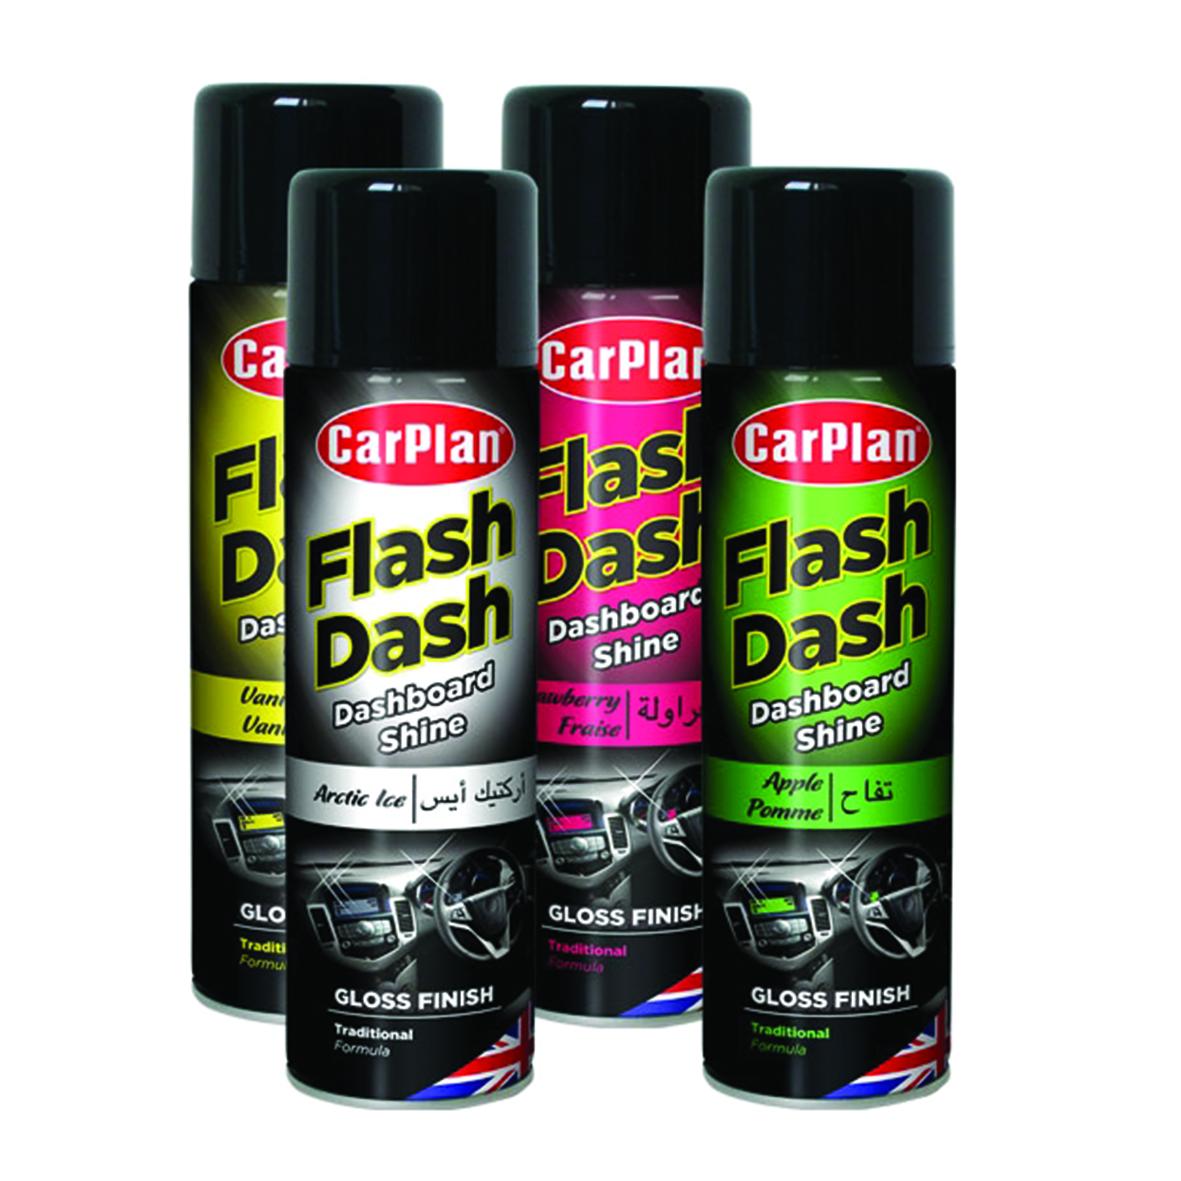 Flash Dash Dashboard shine